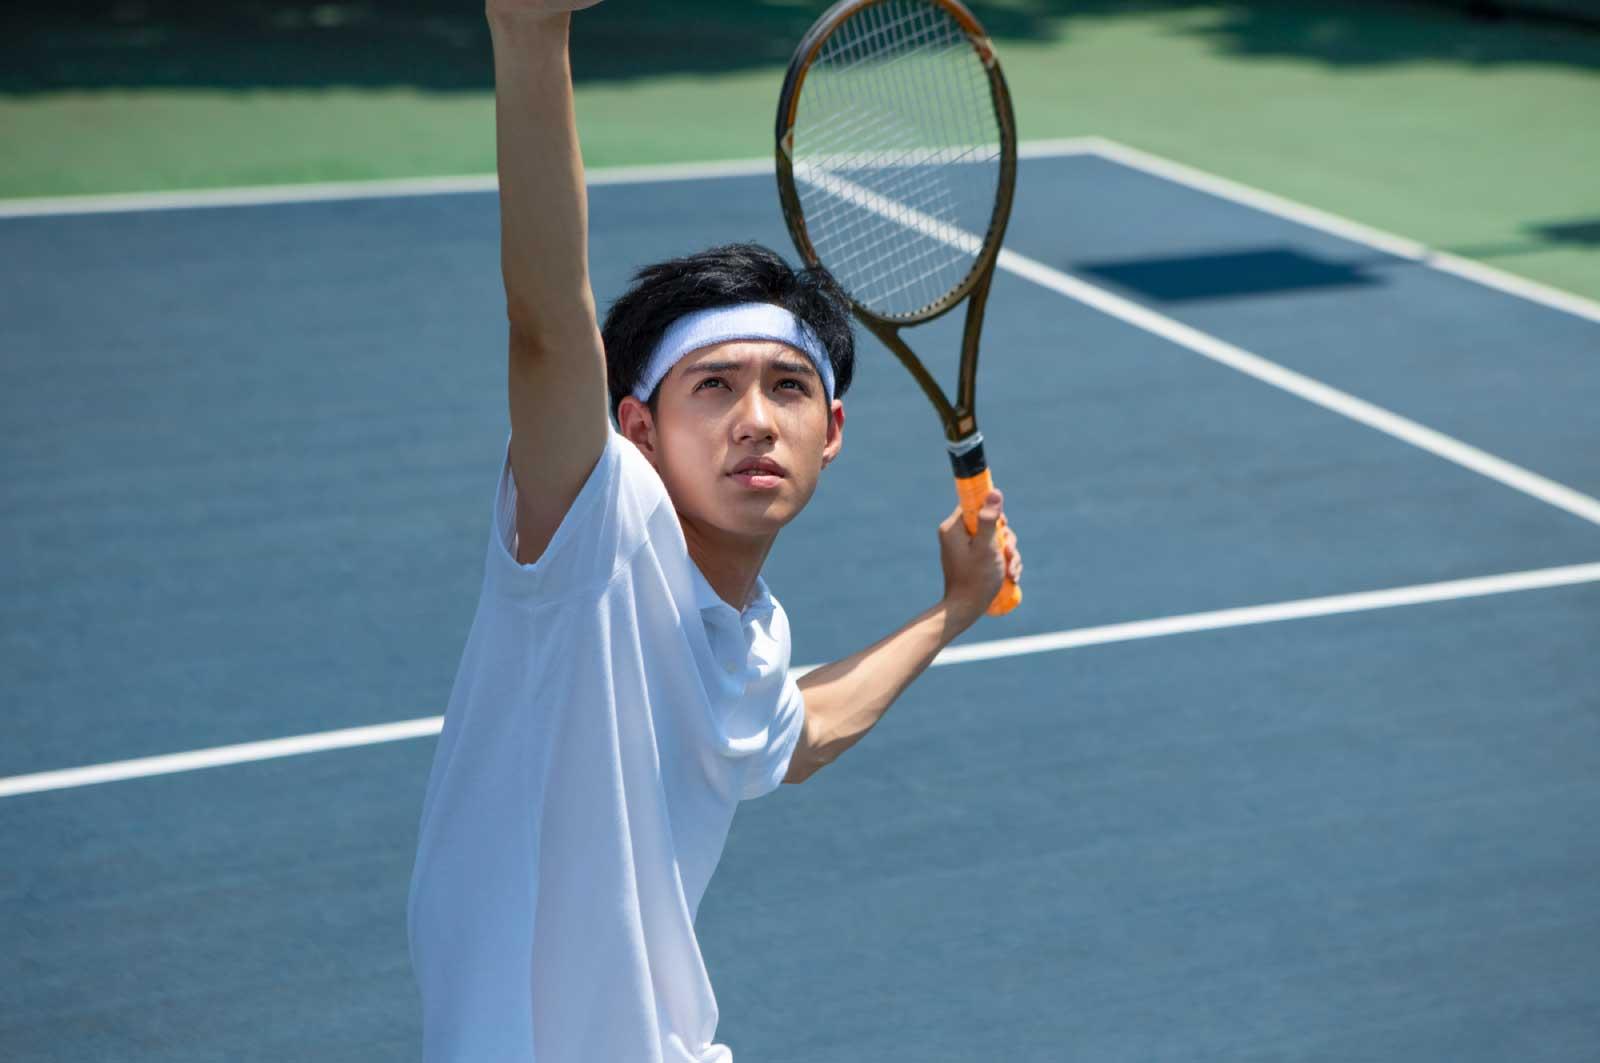 テニスサークルに参加